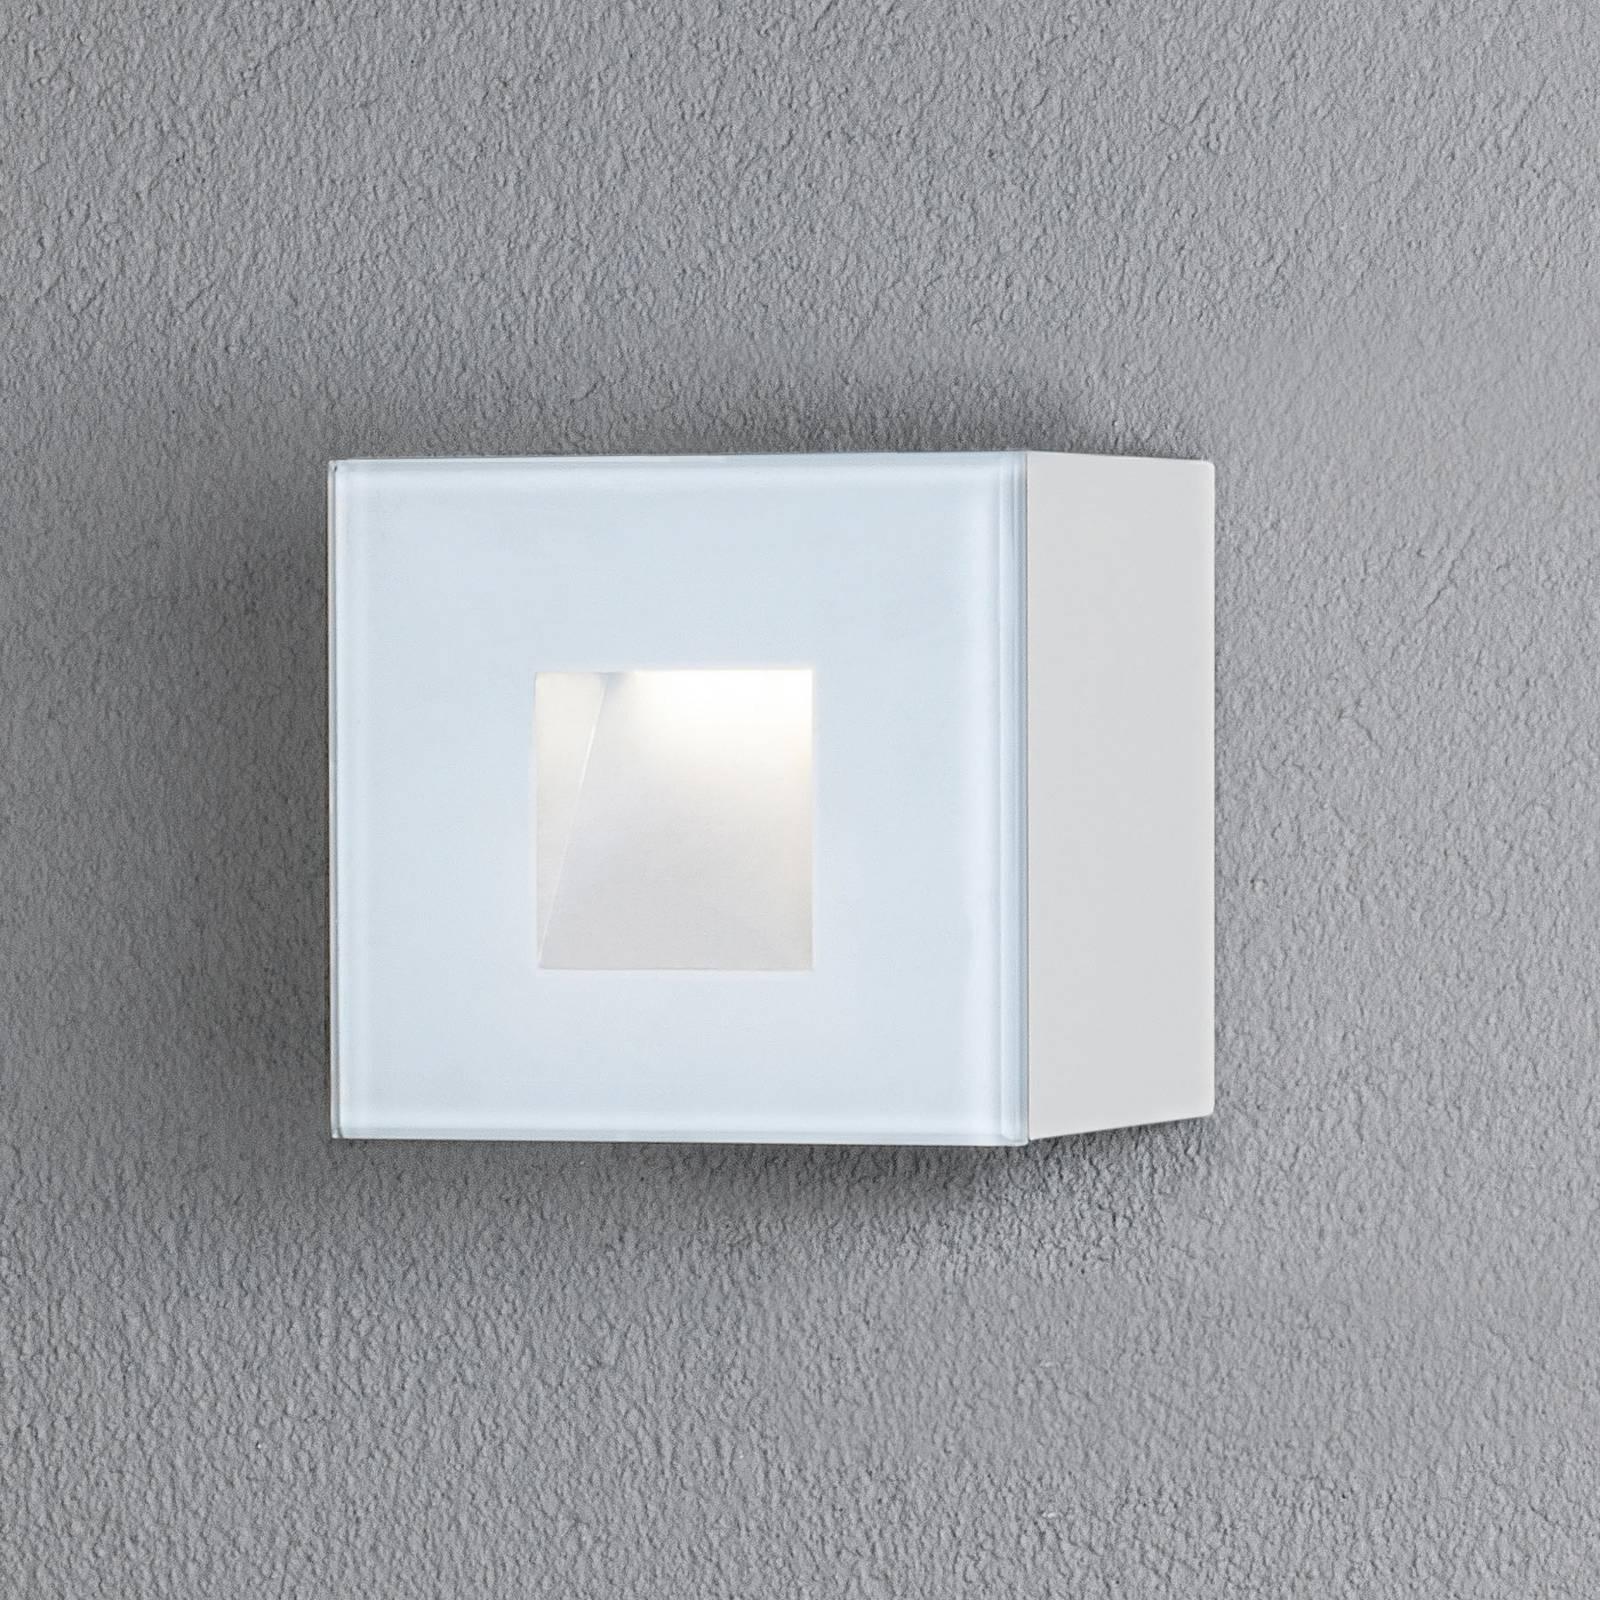 LED-ulkoseinälamppu Chieri, 8 x 8 cm valkoinen